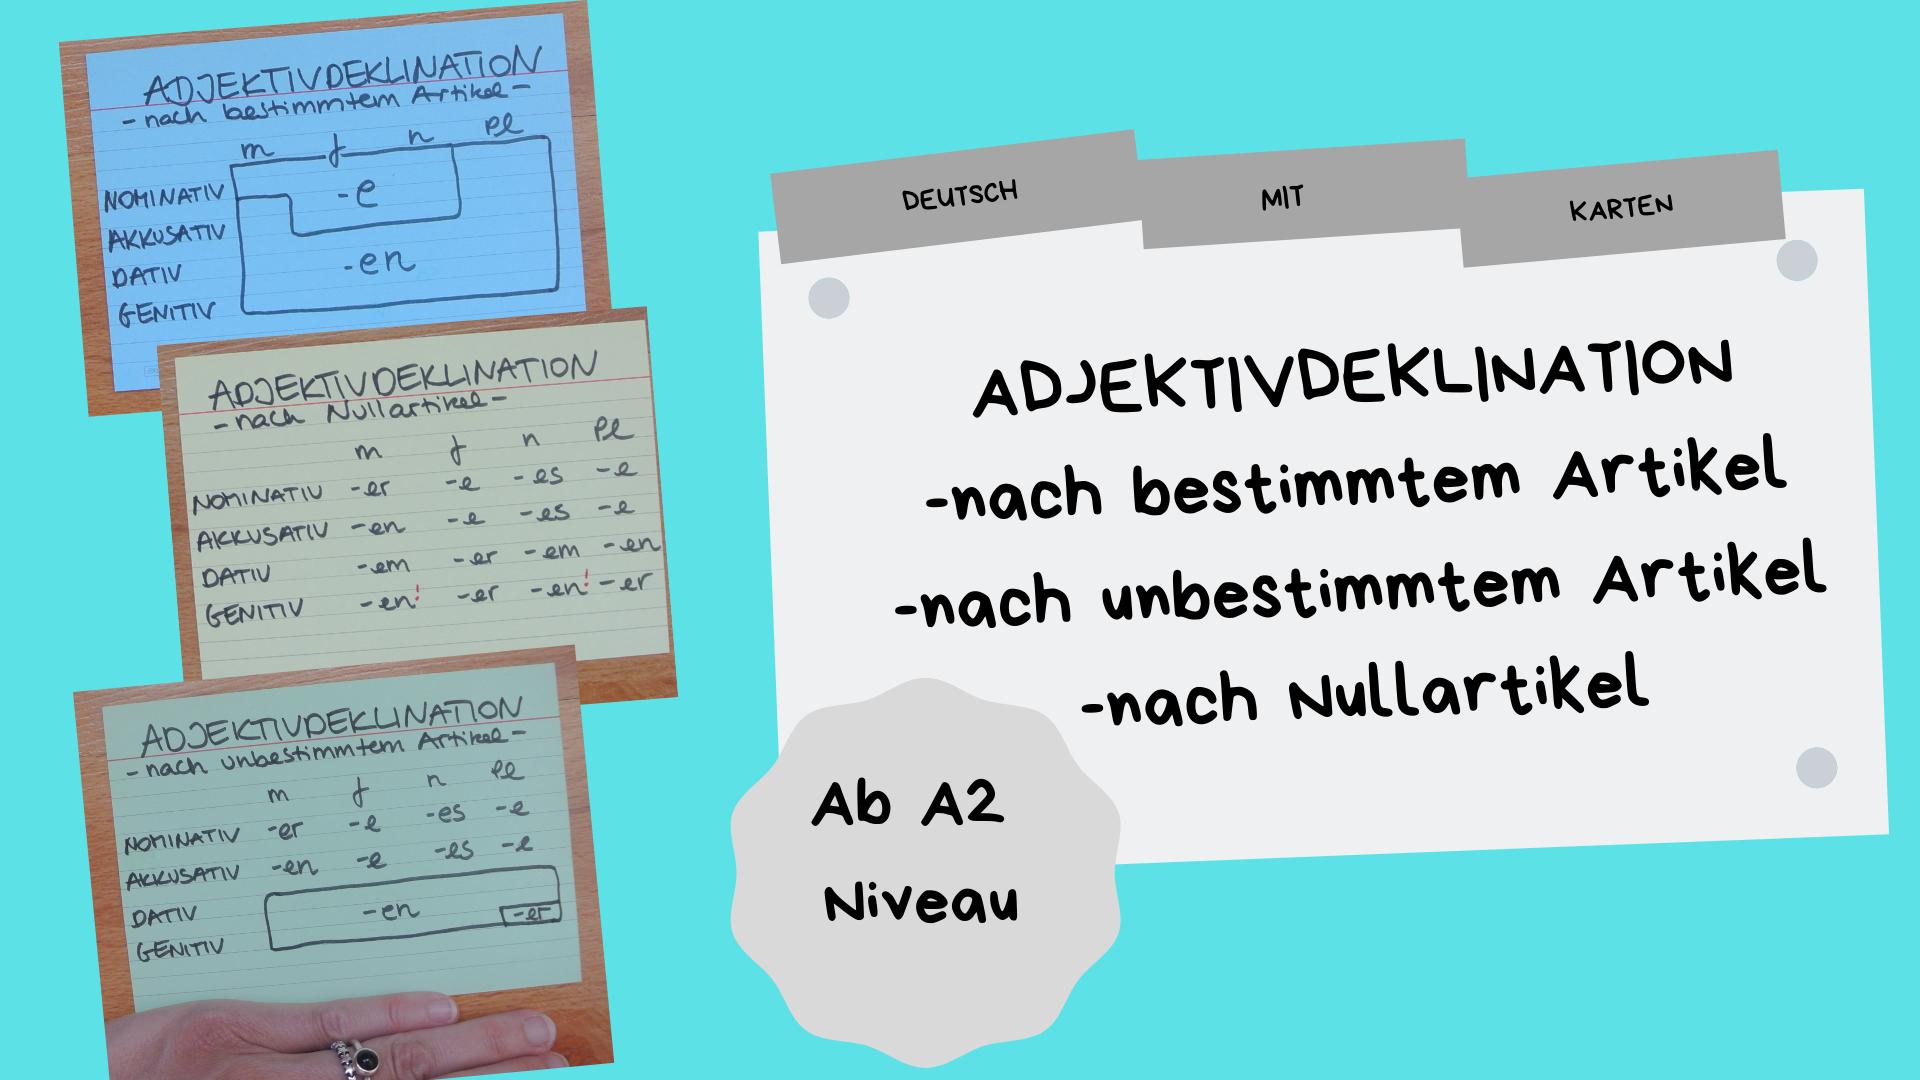 Adjektivdeklinationen übungen Und Tabellen Deutsch Mit Karten